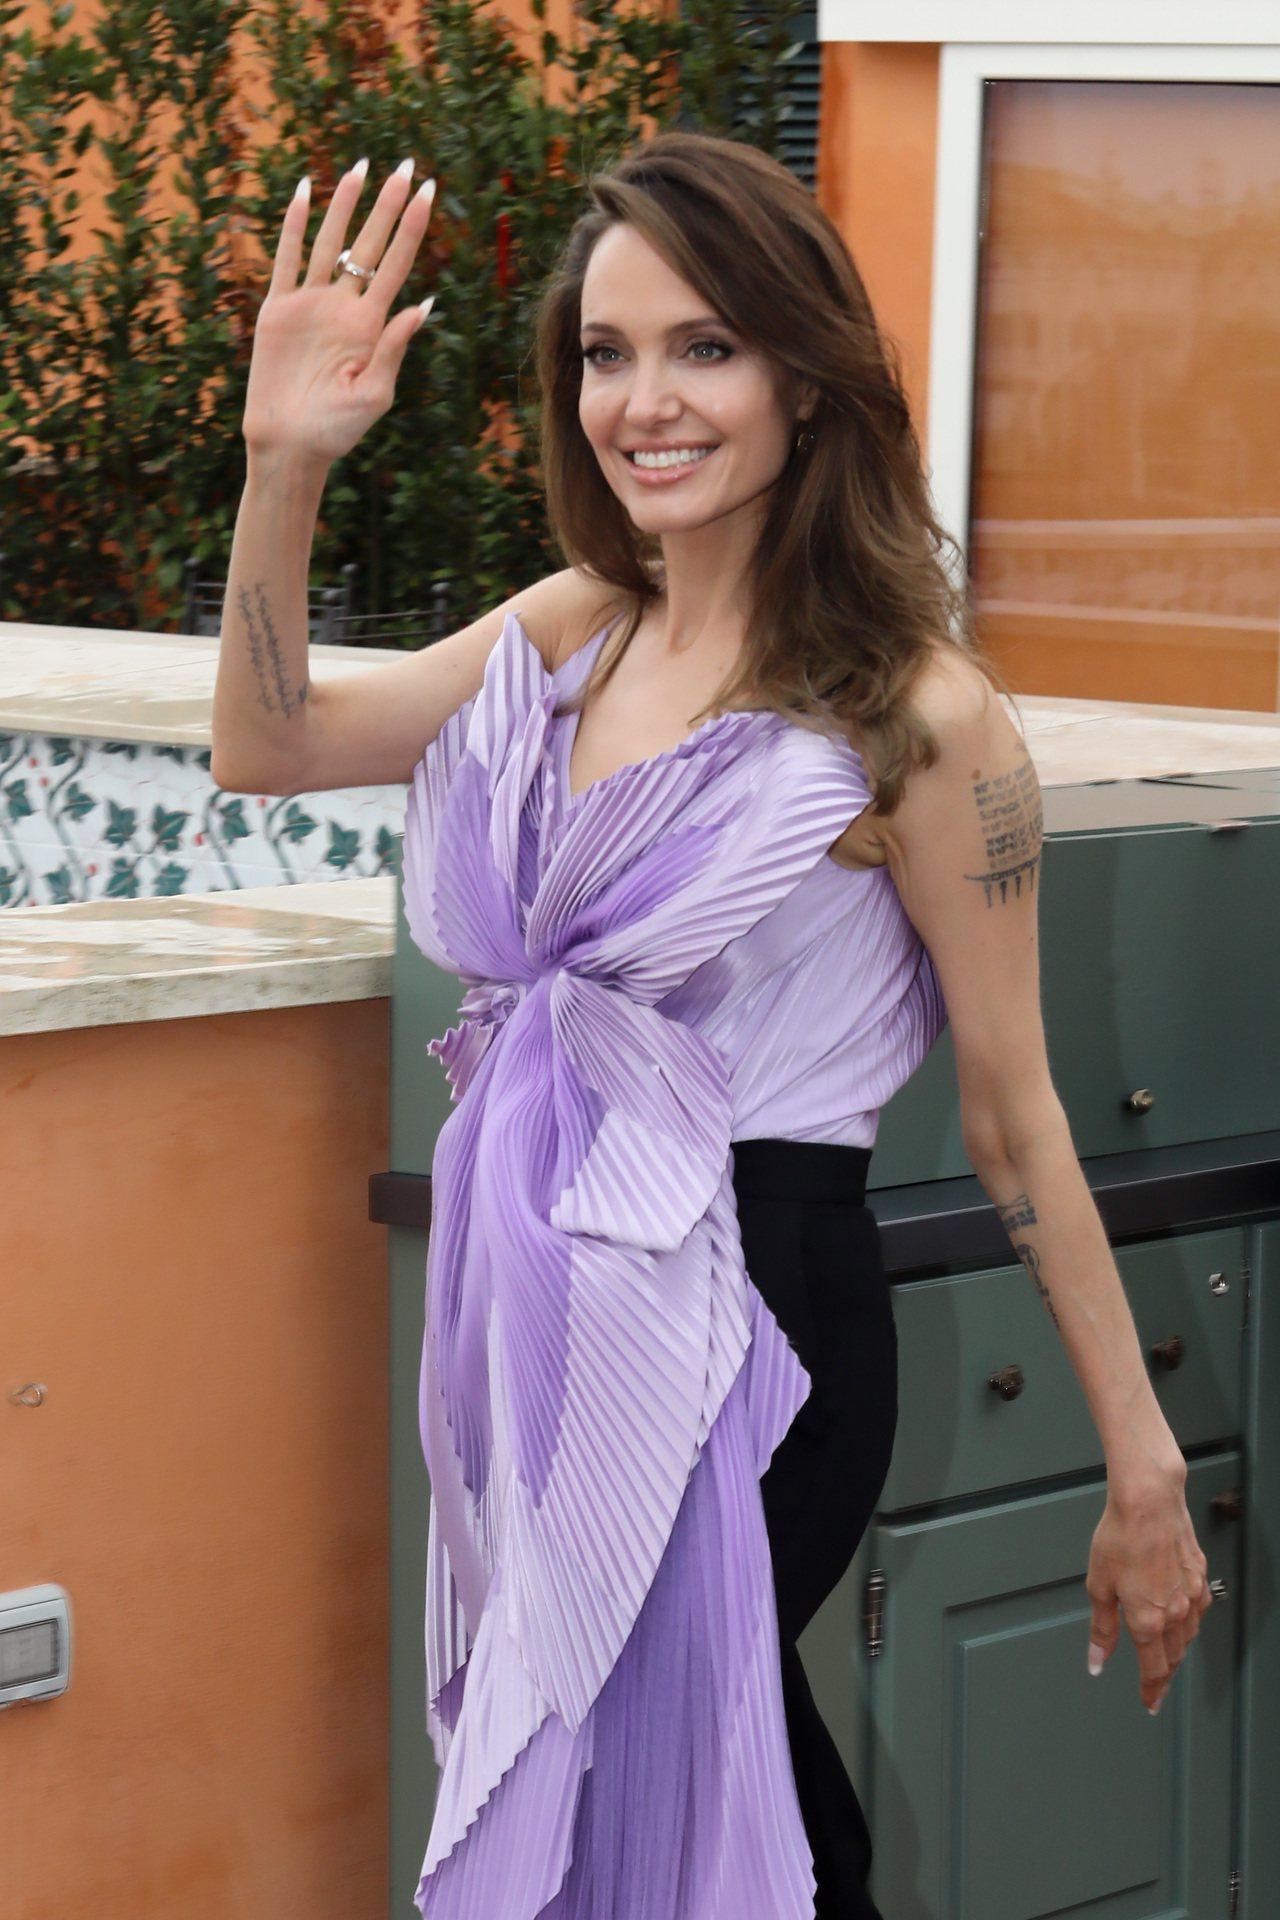 迪士尼最強反派電影《黑魔女2》即將上映,安潔莉娜裘莉與其他主演的演員們近日也勤跑...